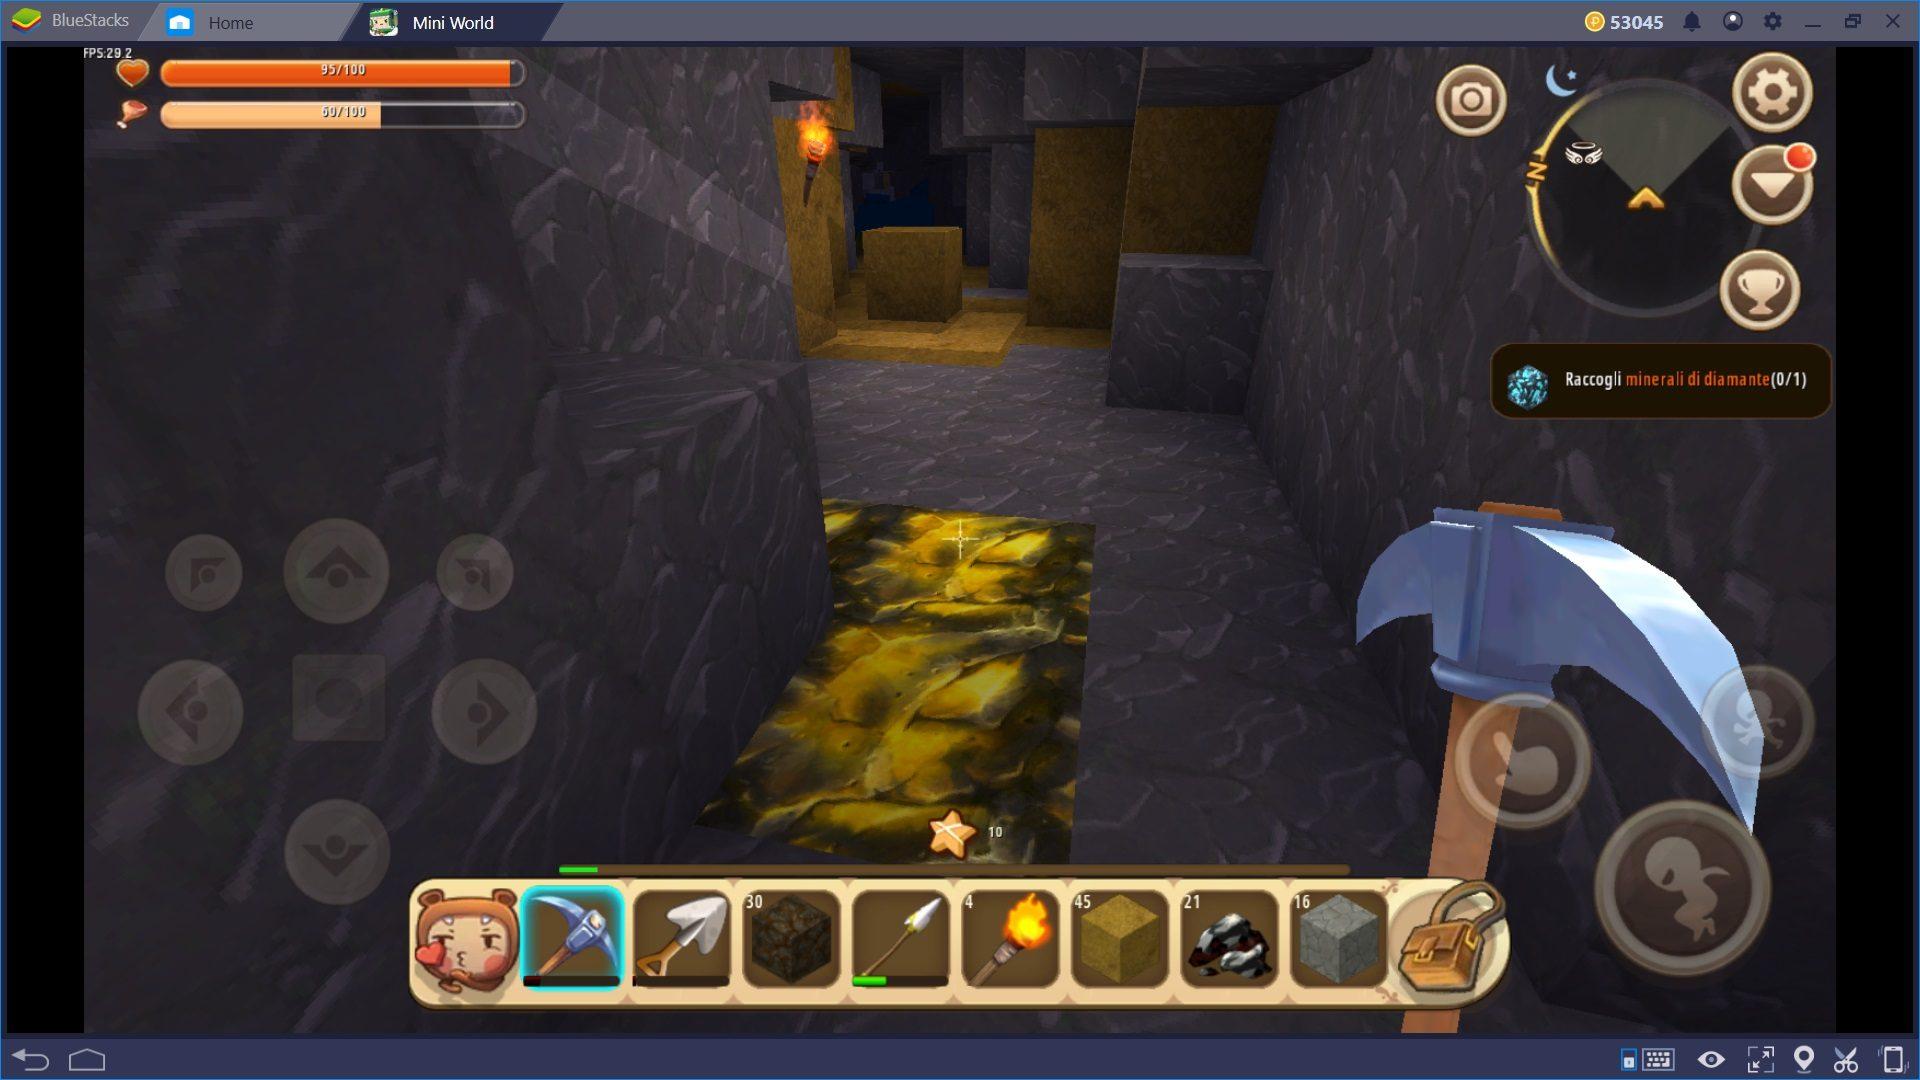 Mini World Block Art: La Guida al Mining